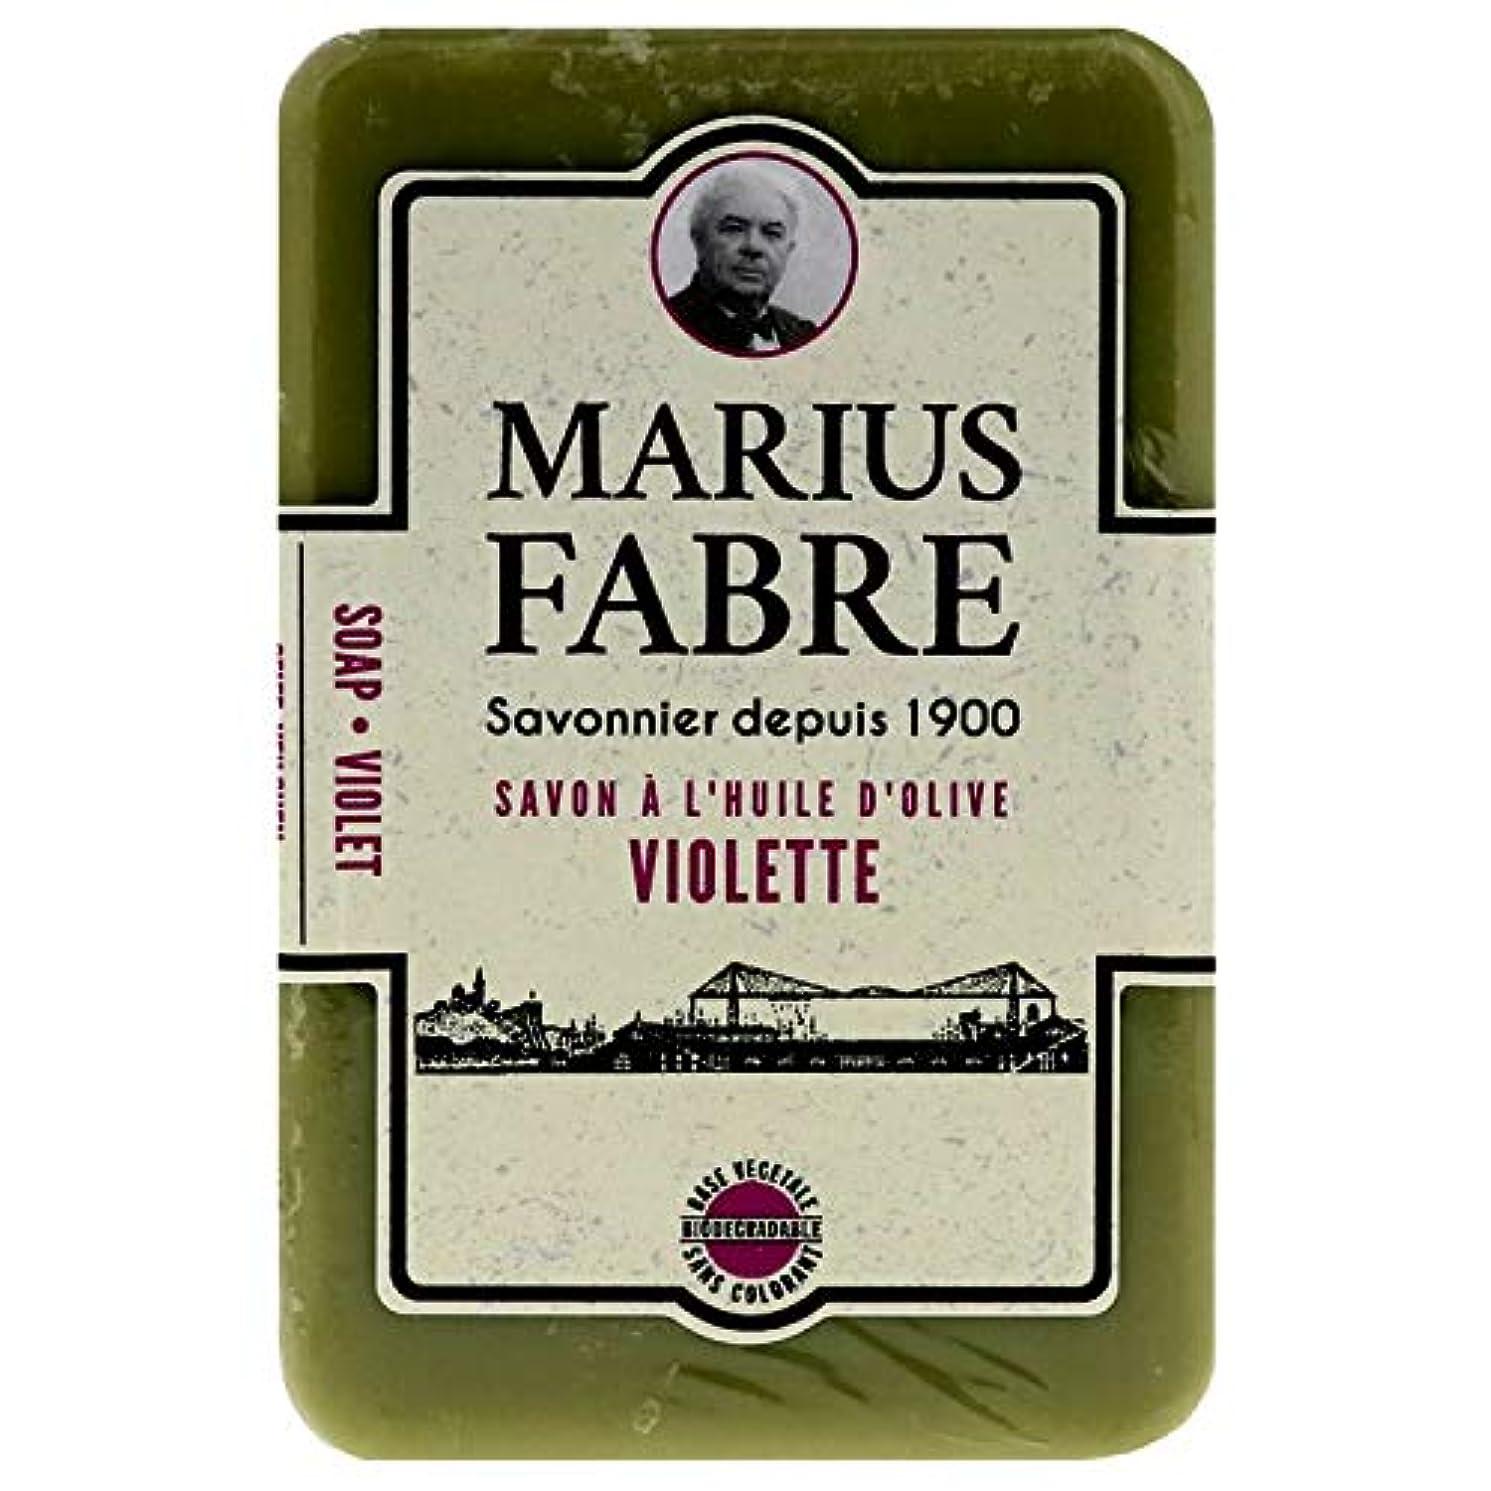 農業努力する放出サボンドマルセイユ 1900 バイオレット 250g